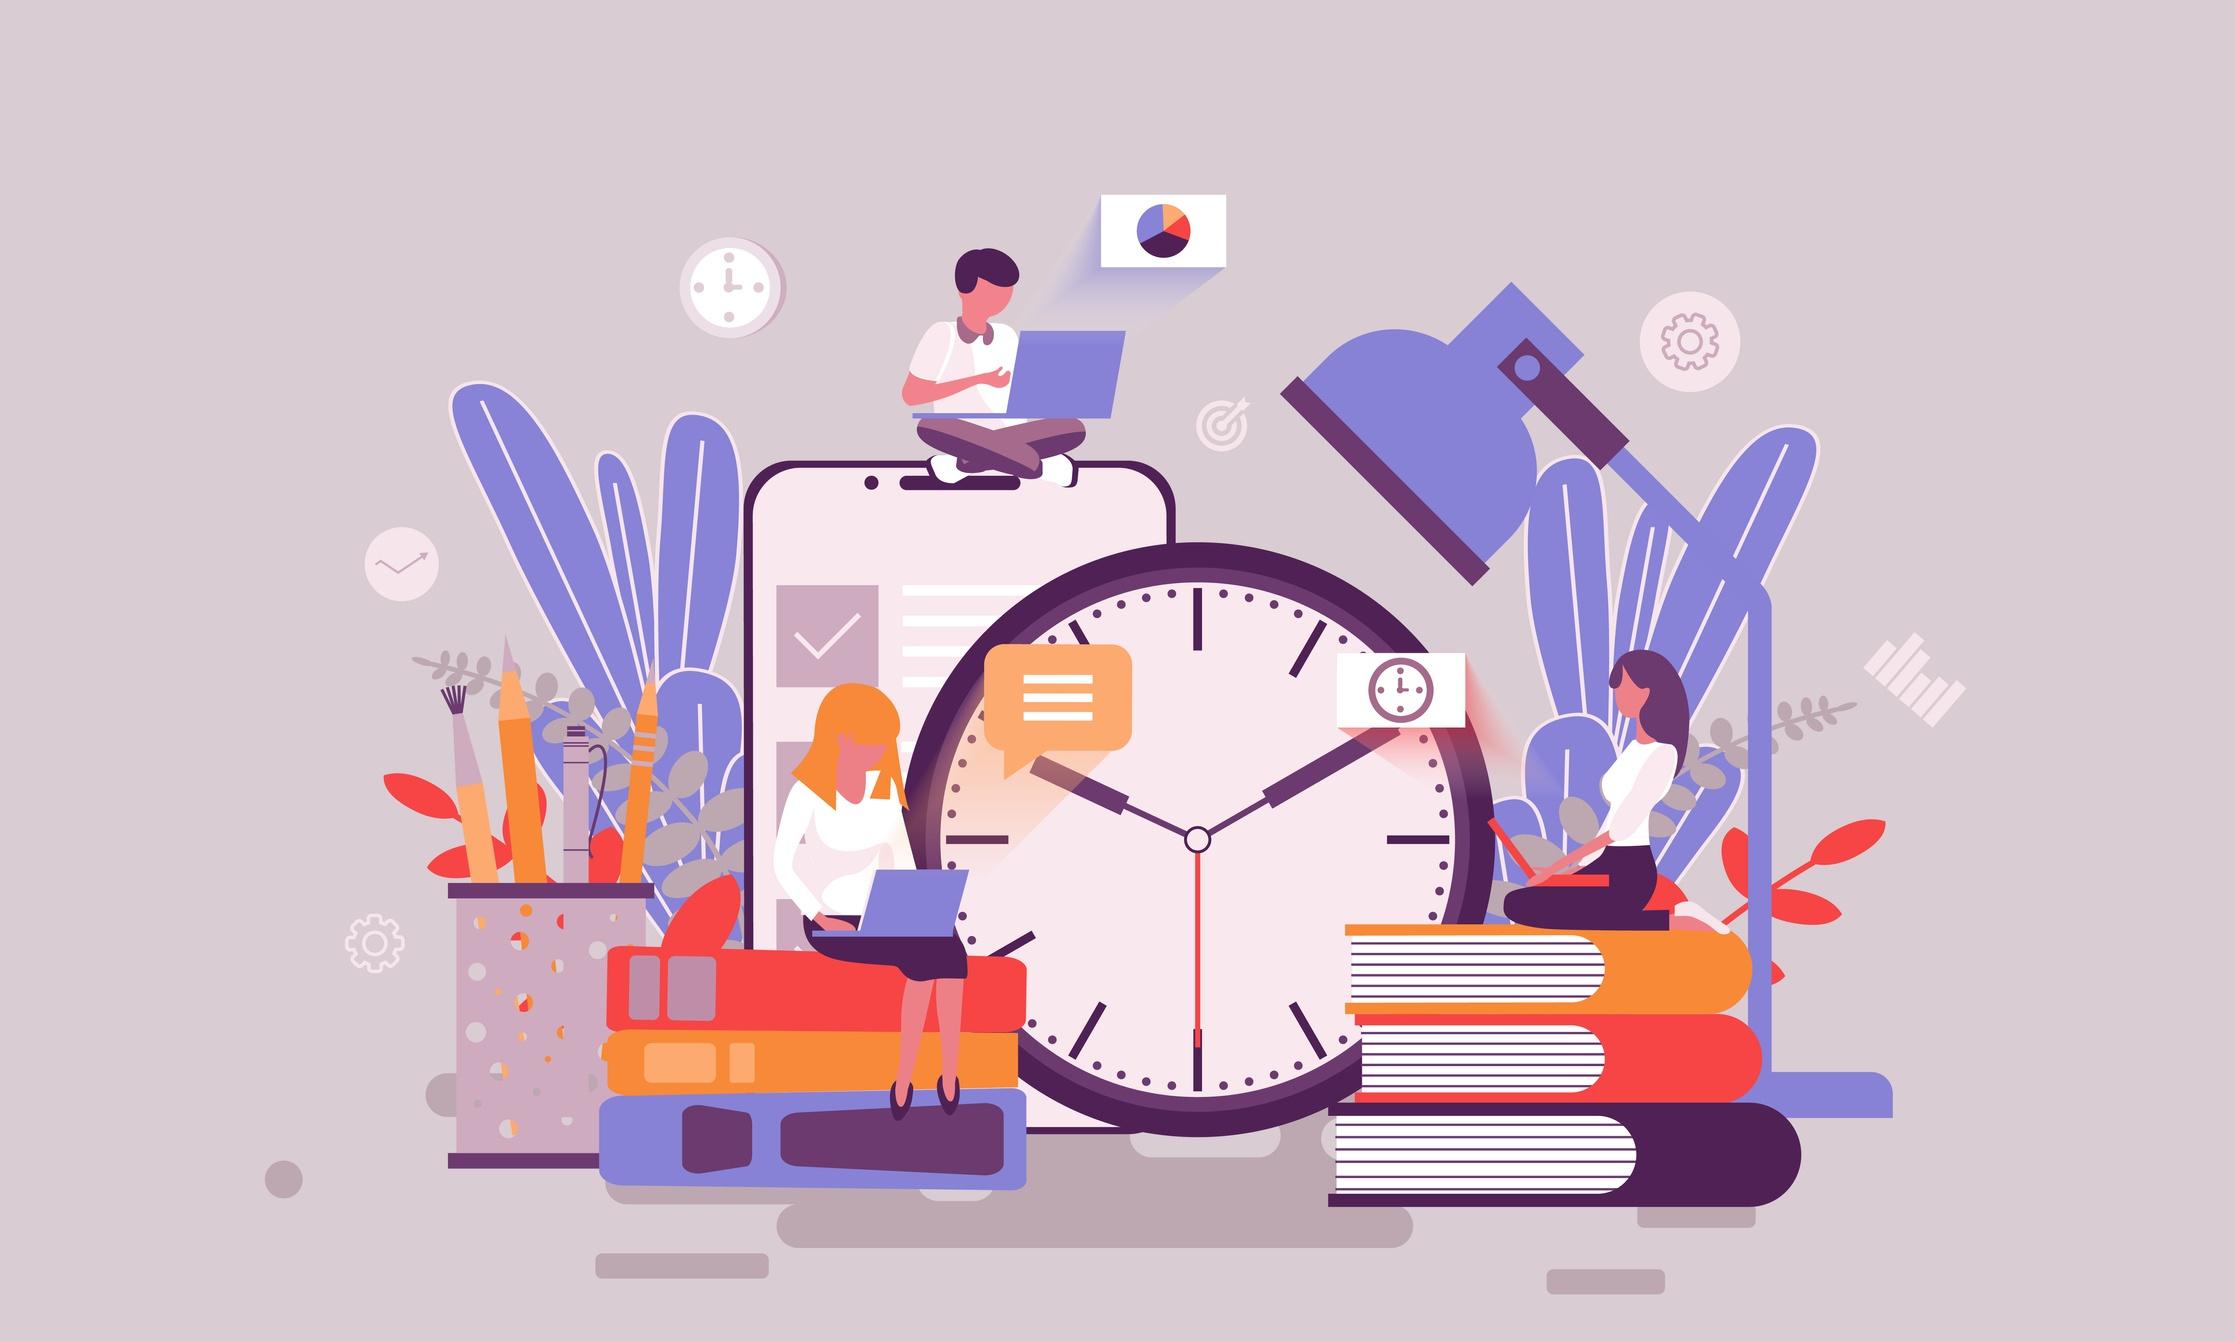 إدارة الوقت وخلط الأمور